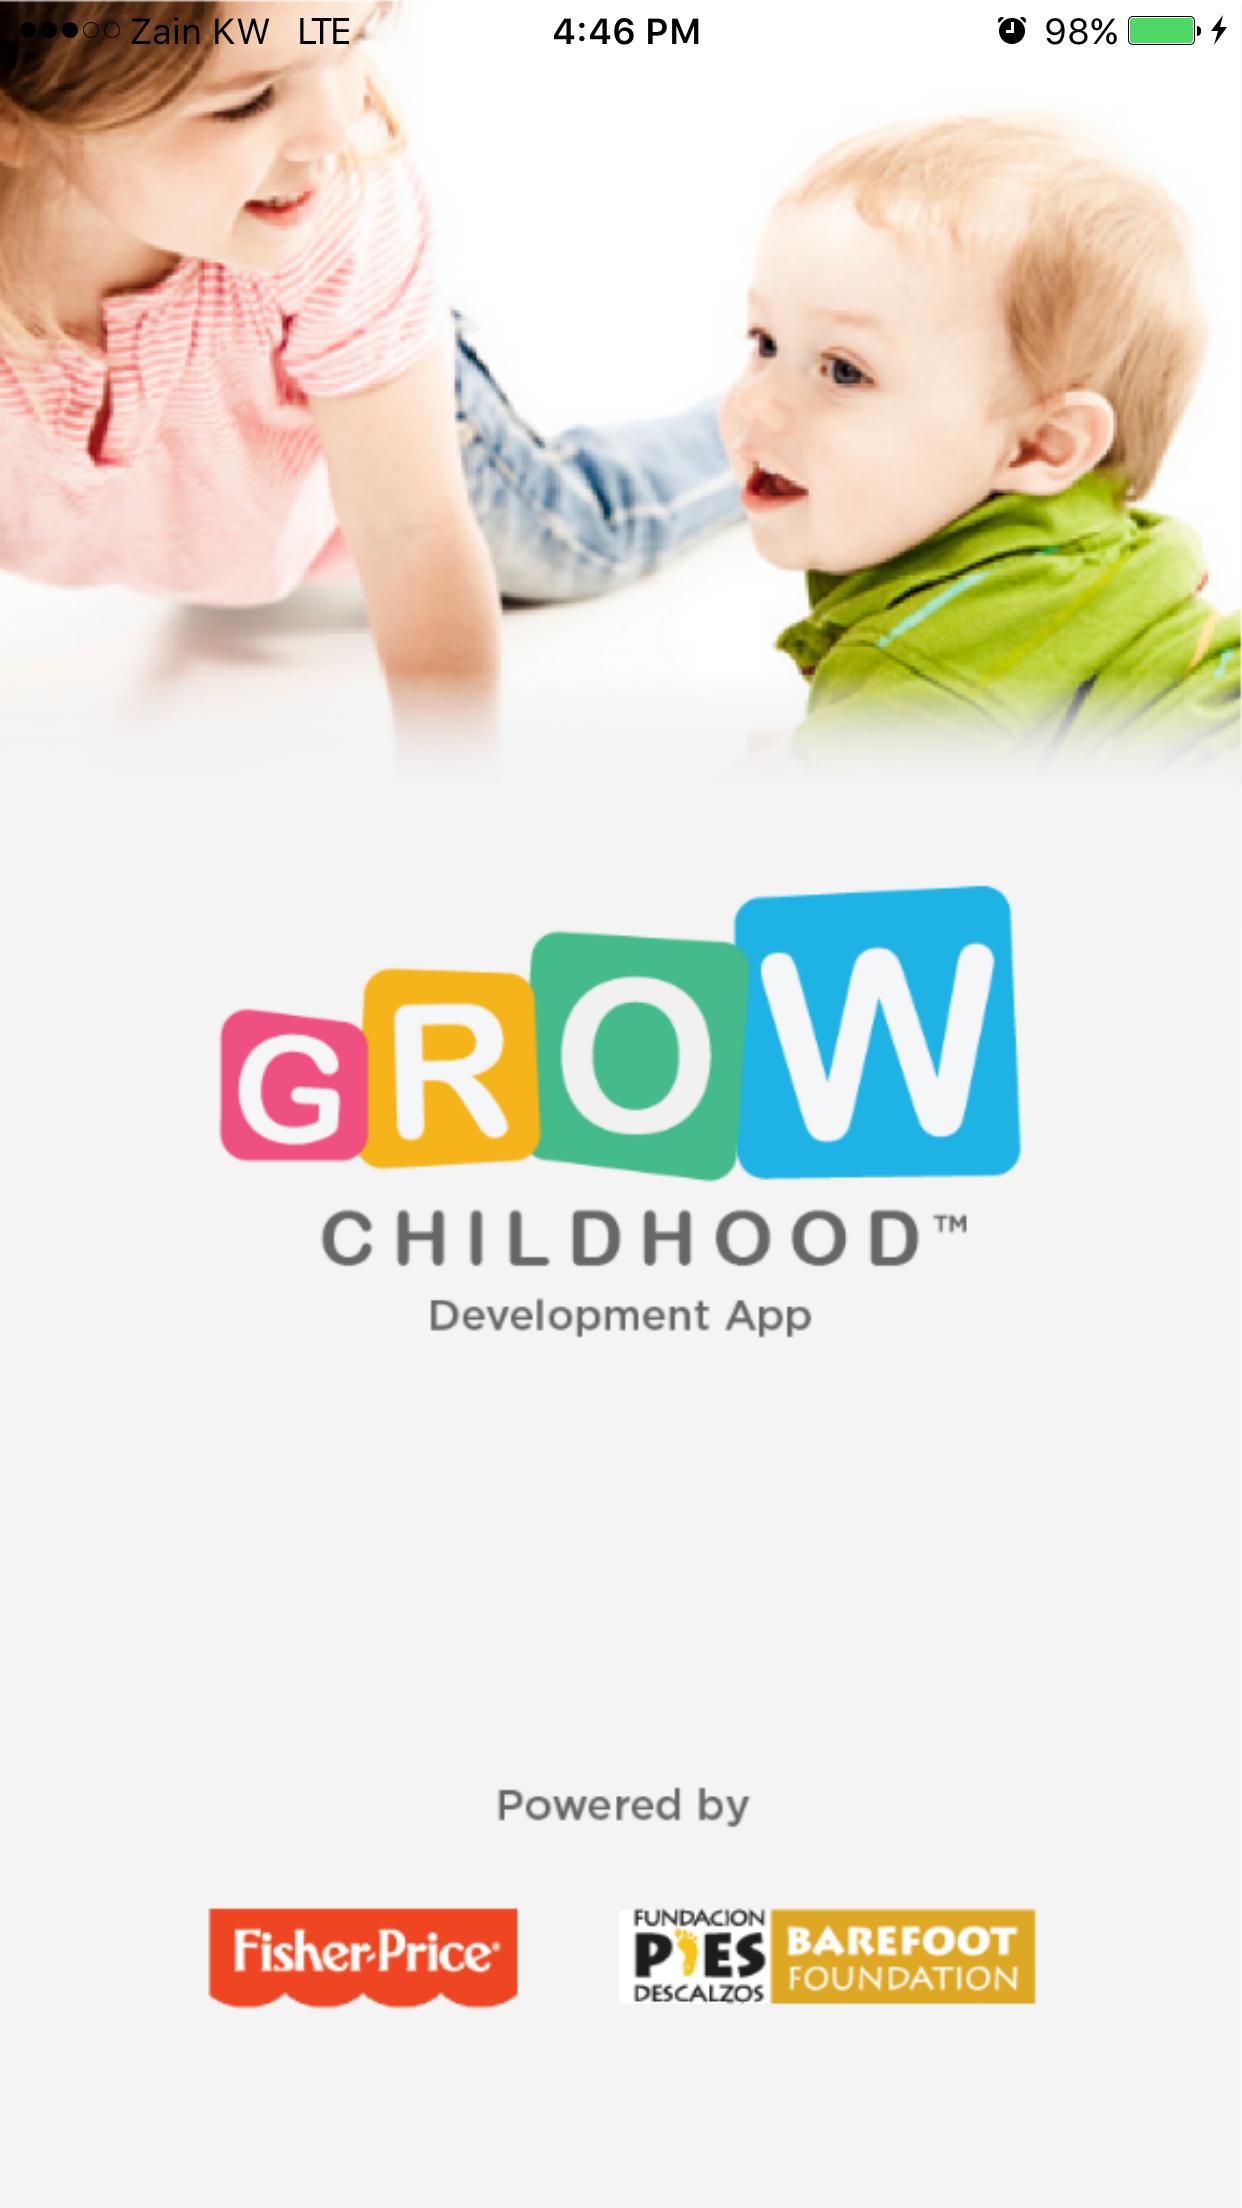 تطبيق رائع لمن لديه طفل بين عمر ٠ ٣ سنة يحوي افكار وانشطه تساعد في تطوير مهارات الطفل في المجالات المختلفه Childhood Development Kids And Parenting Parenting